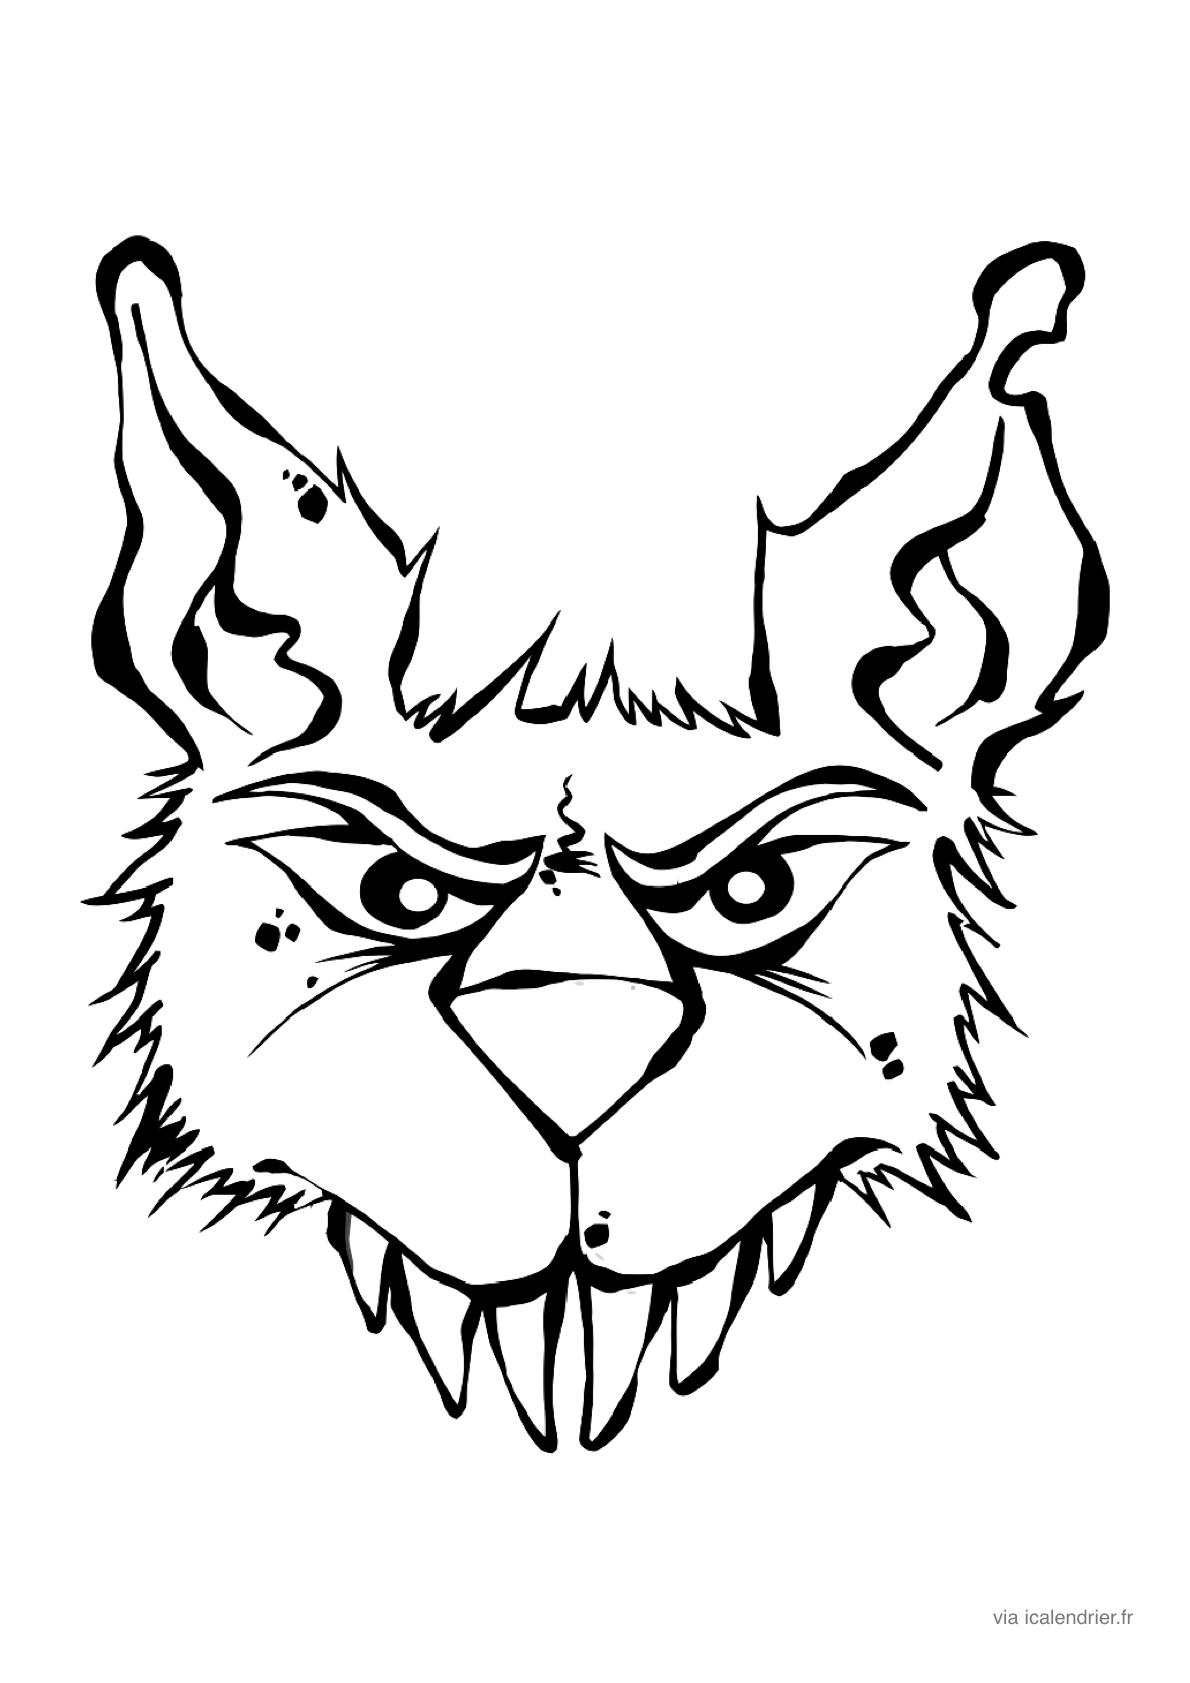 Masques Pour Mardi-Gras À Imprimer Gratuitement - Icalendrier dedans Masque De Loup À Imprimer